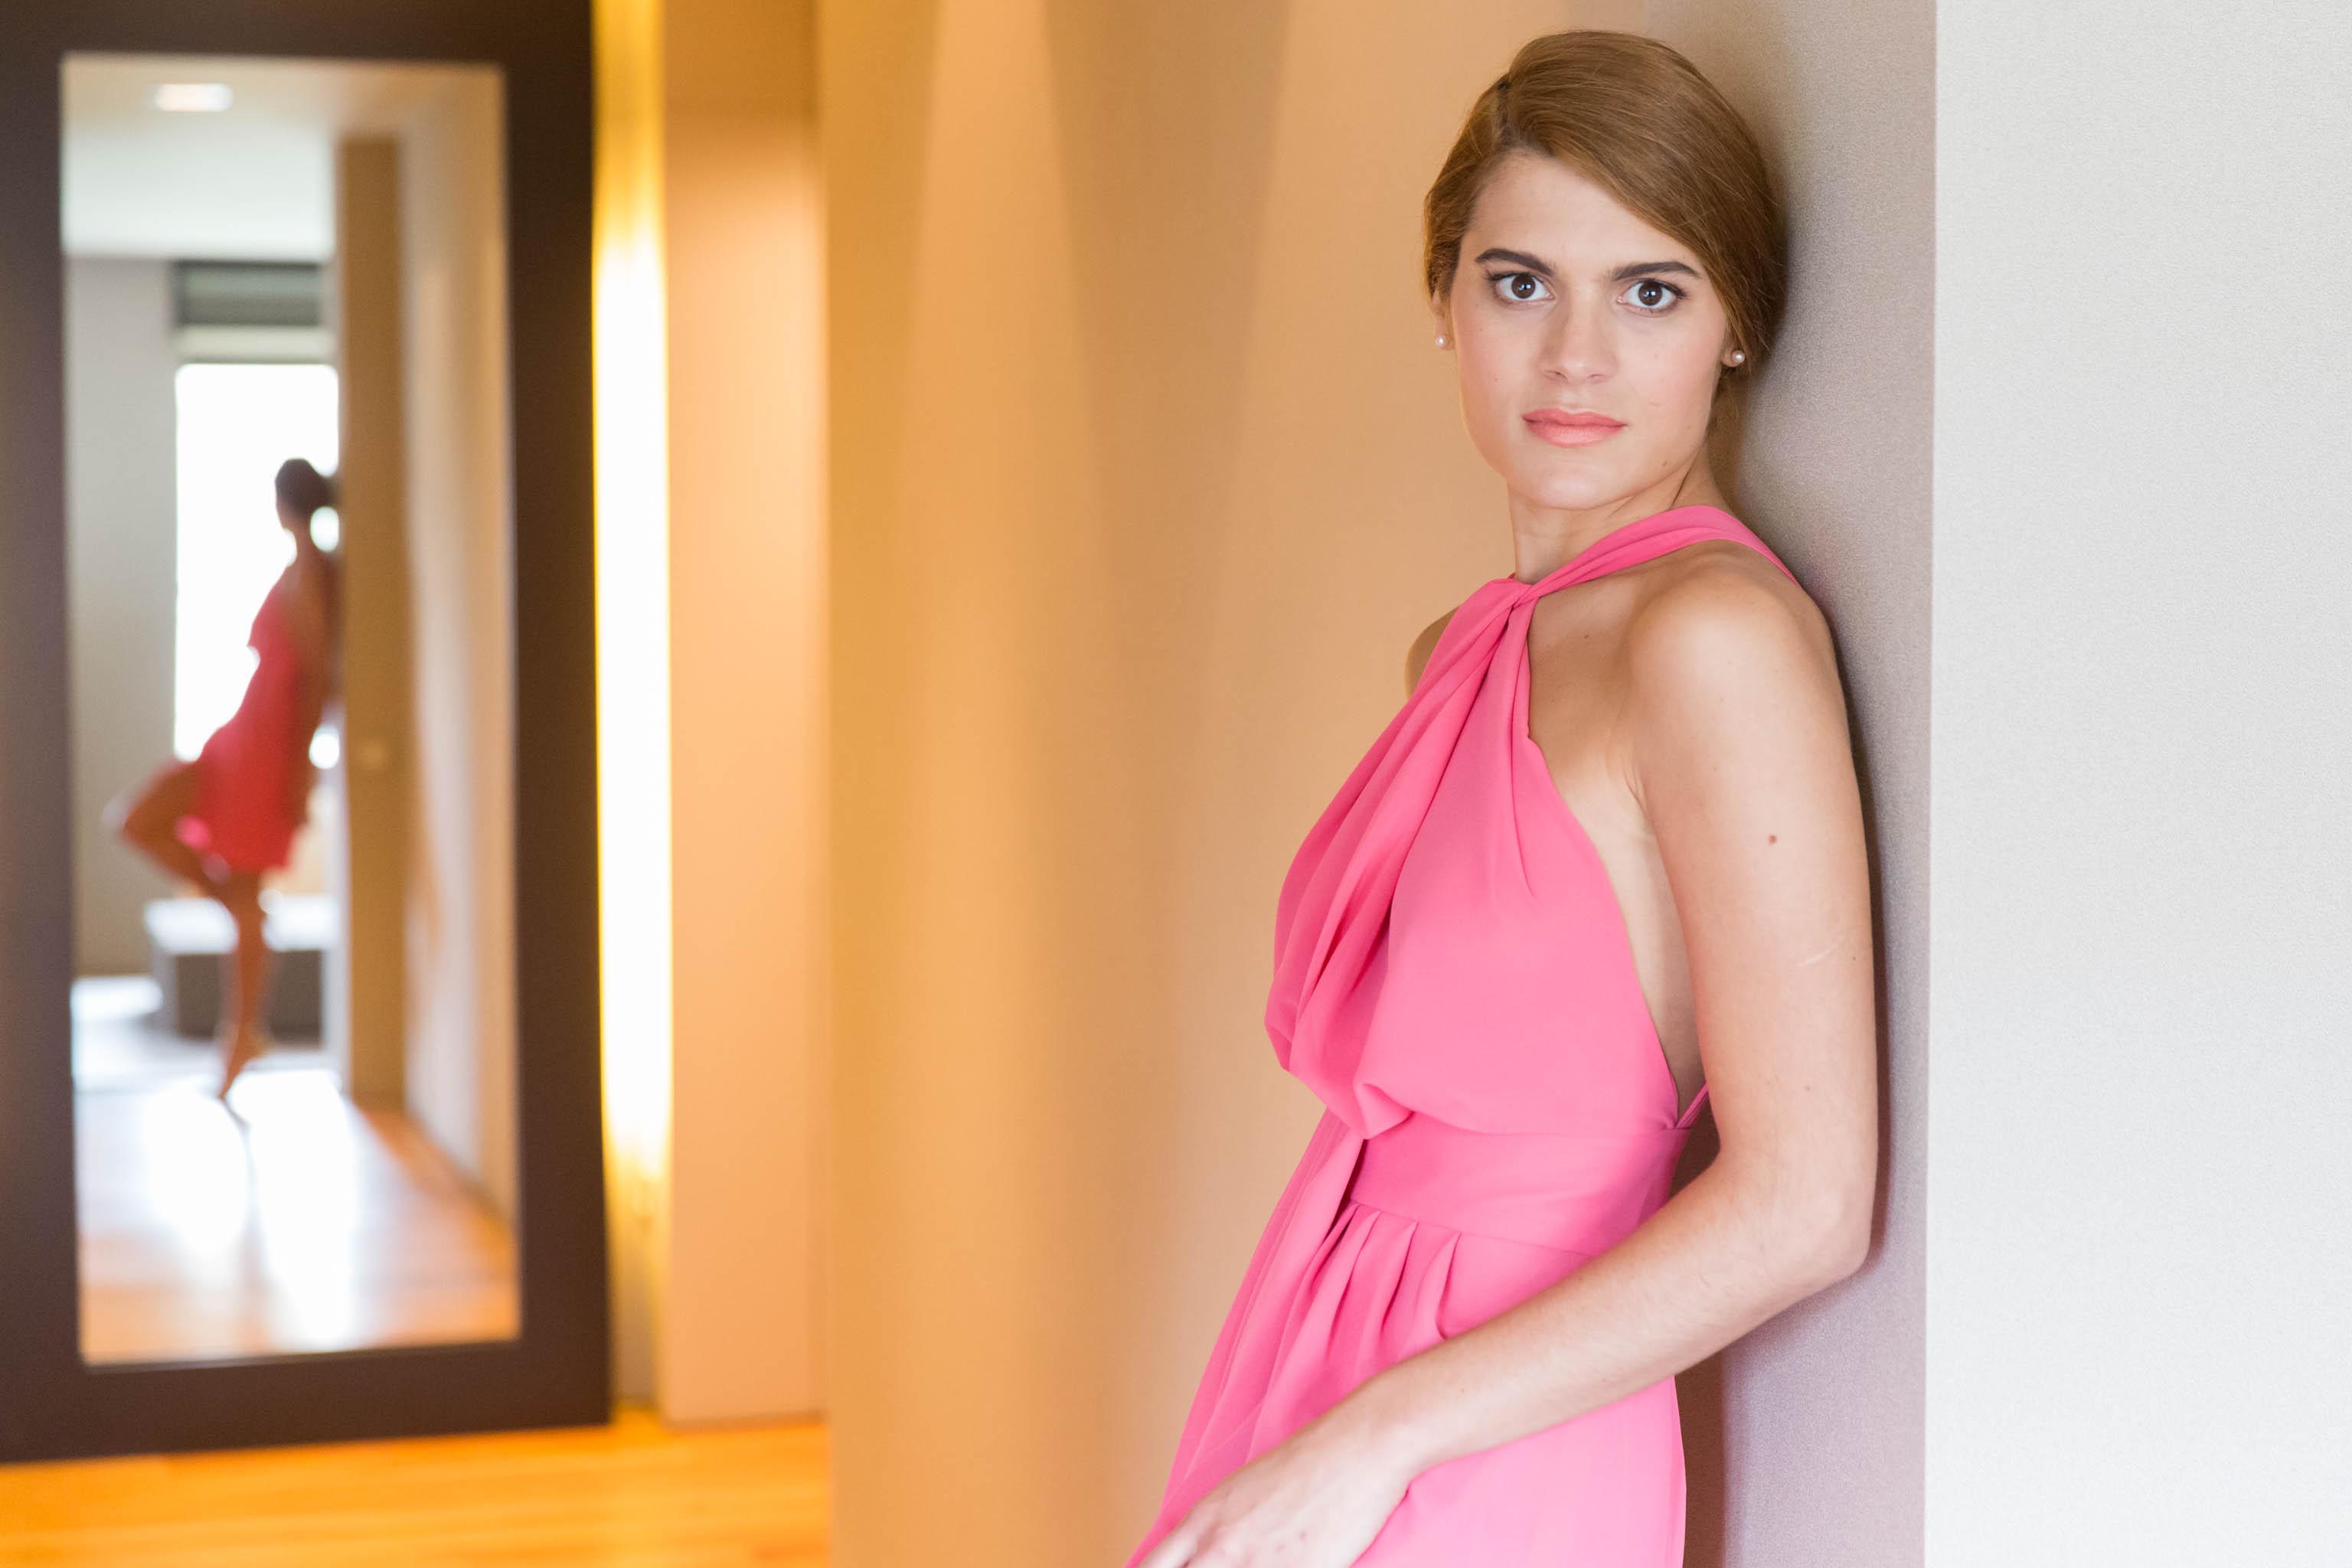 Sesiones fotográficas para bloggers de moda